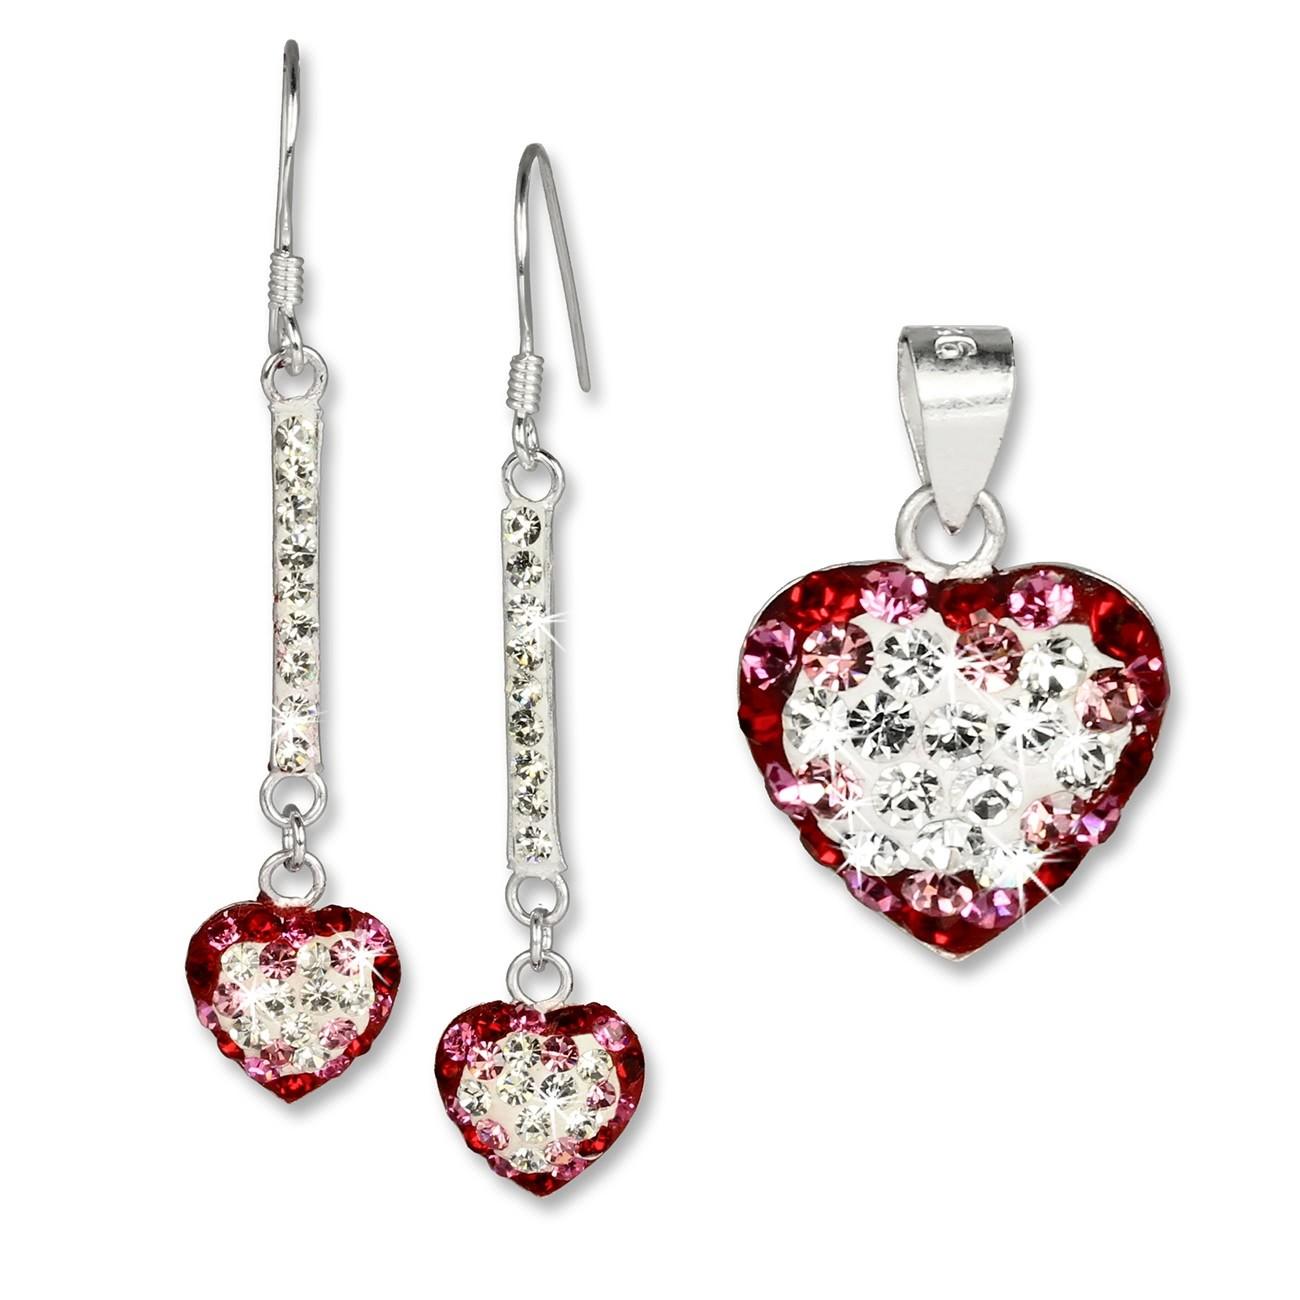 SilberDream Set Herz rot Anhänger & Ohrringe Zirkonia Silber GSS043